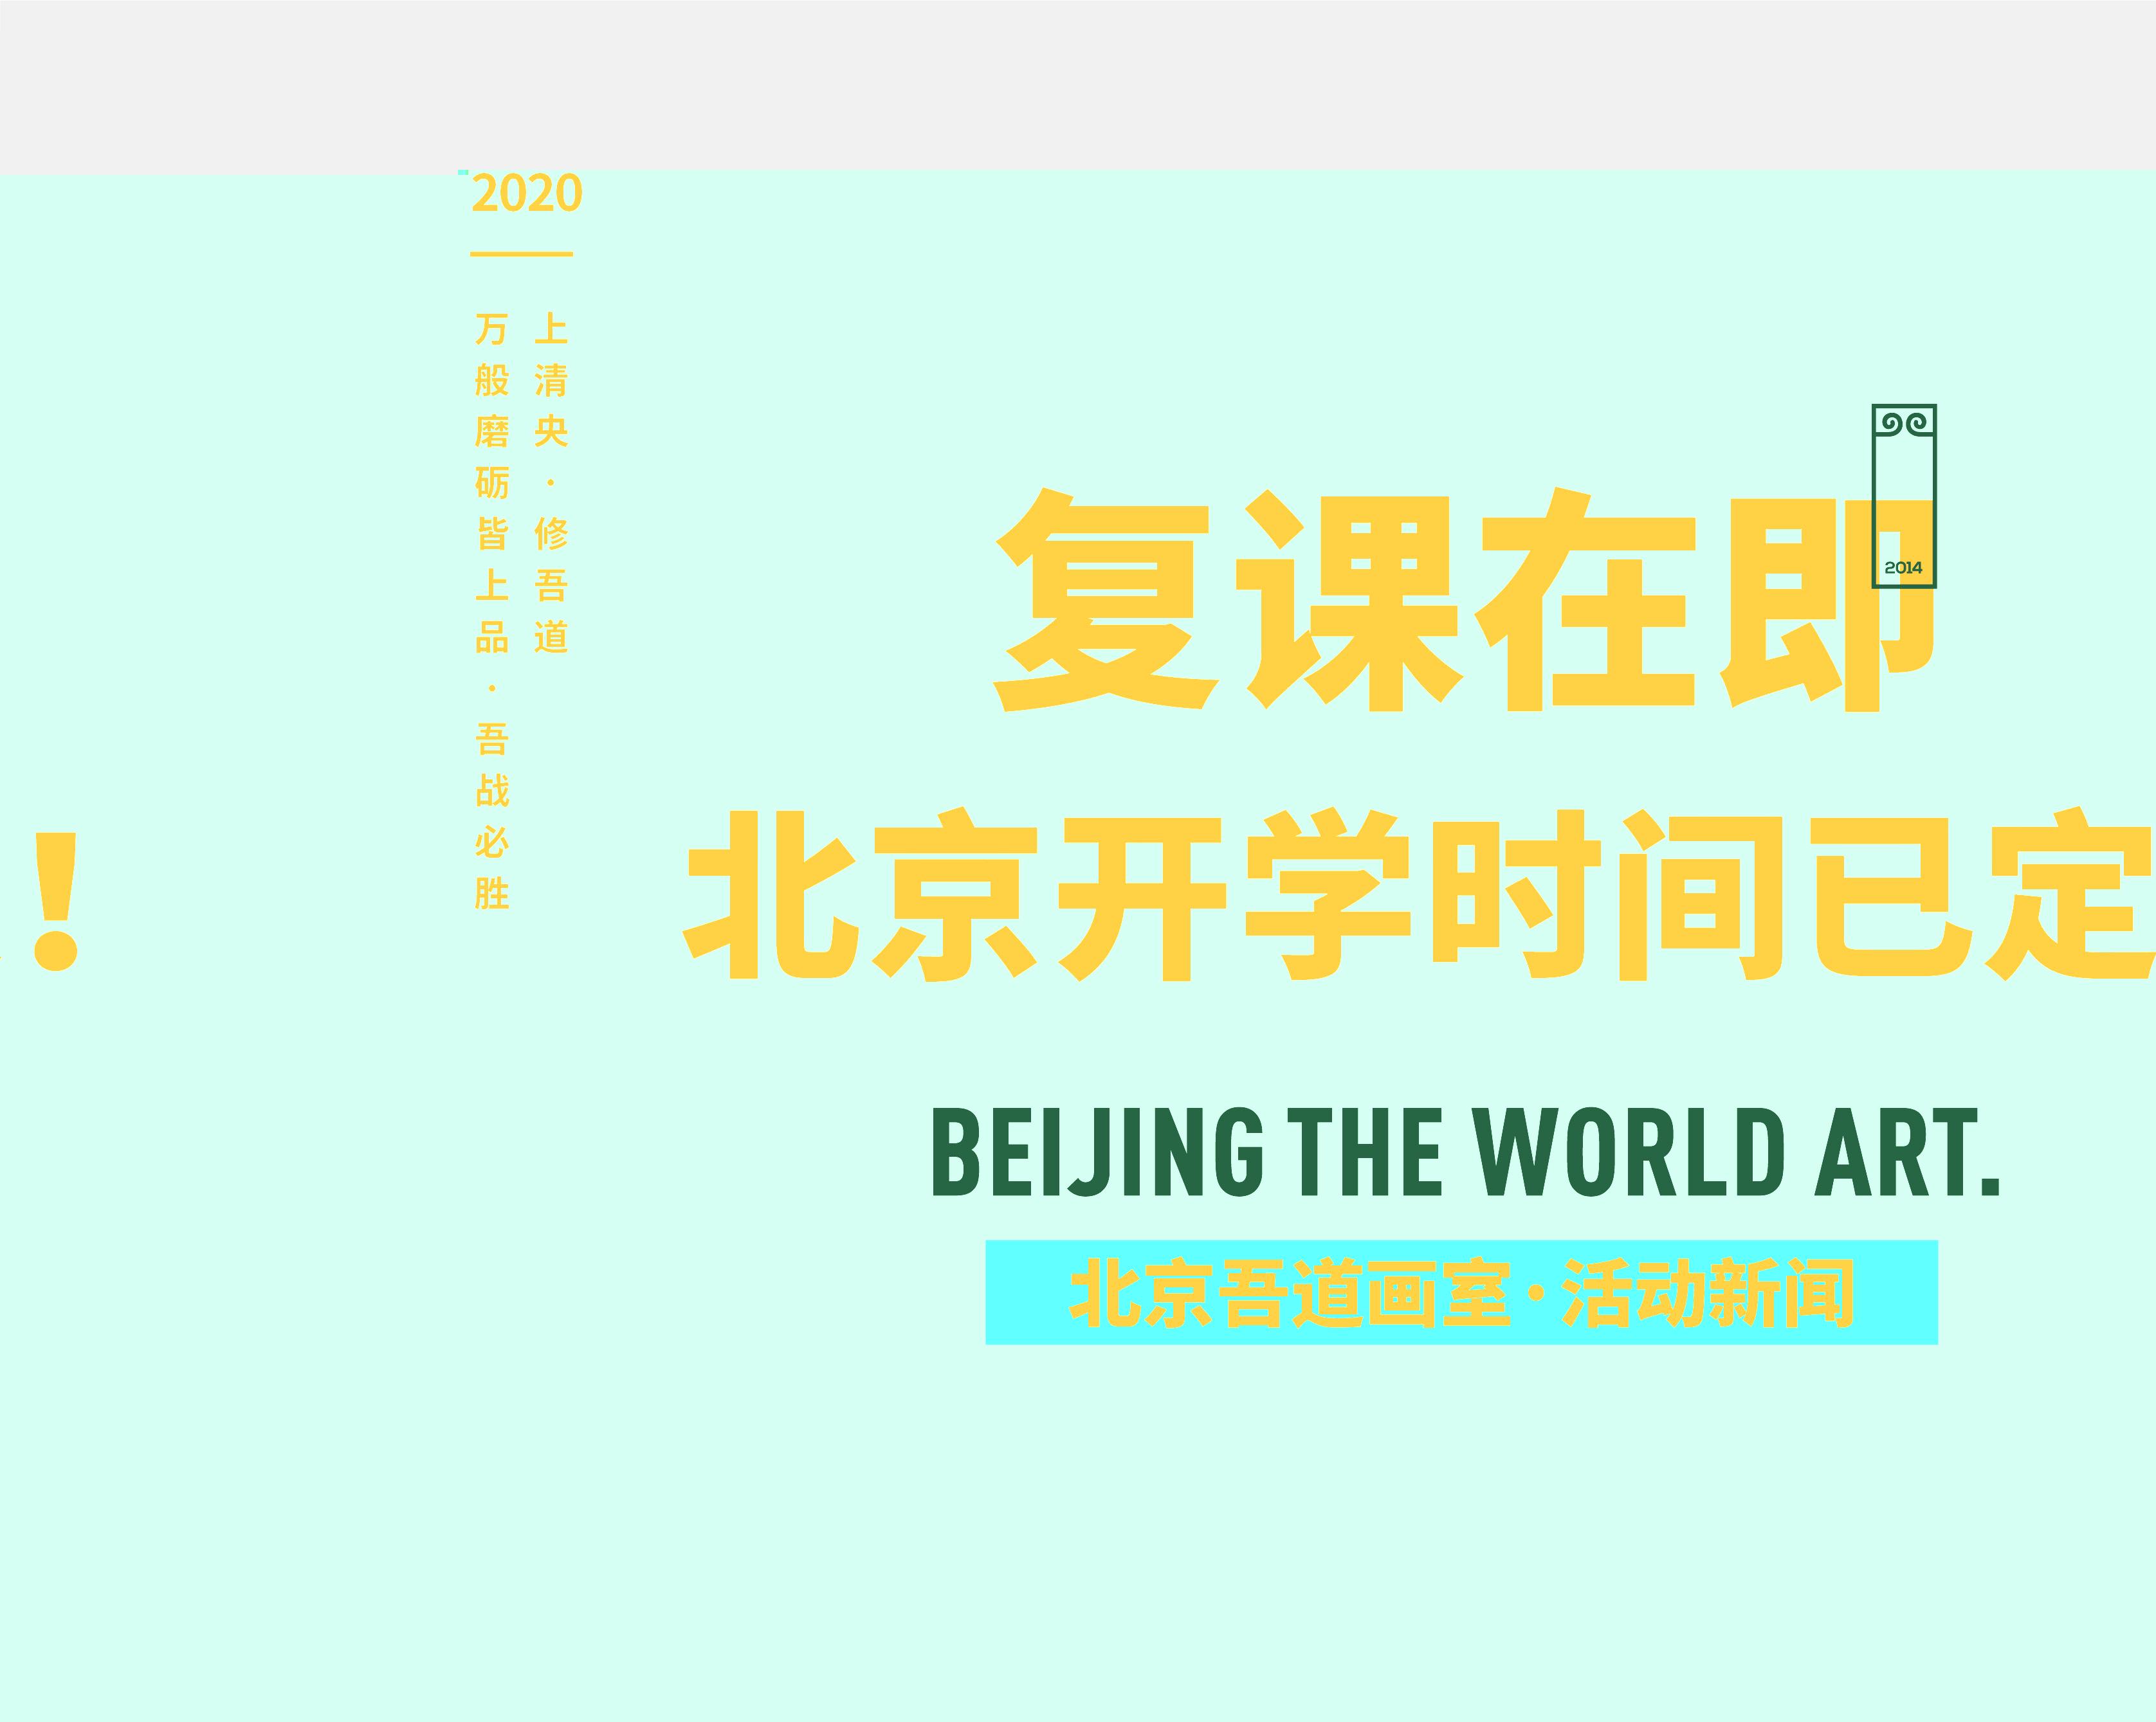 复课在即!北京开学时间已定!